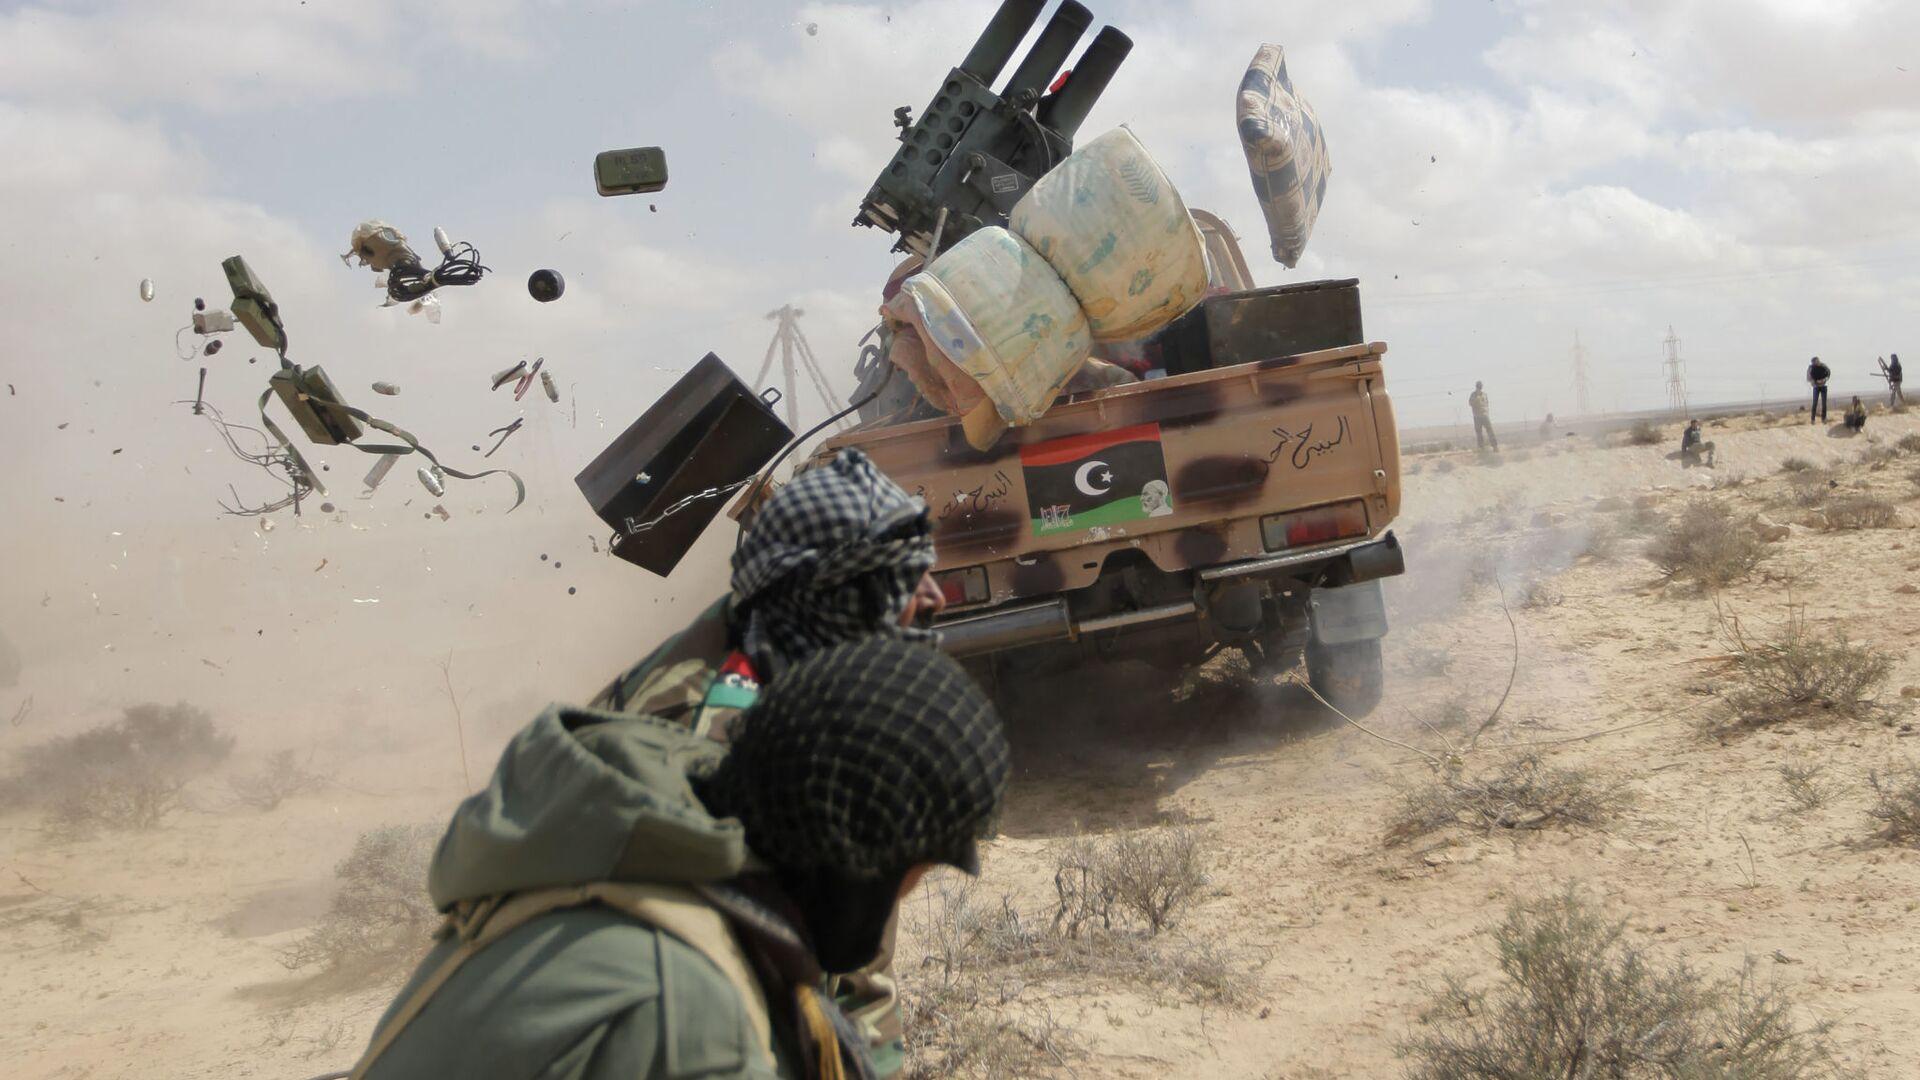 Un rebelde libio durante el ataque contra Gadafi, el 31 de mayo de 2011 (archivo) - Sputnik Mundo, 1920, 29.03.2021